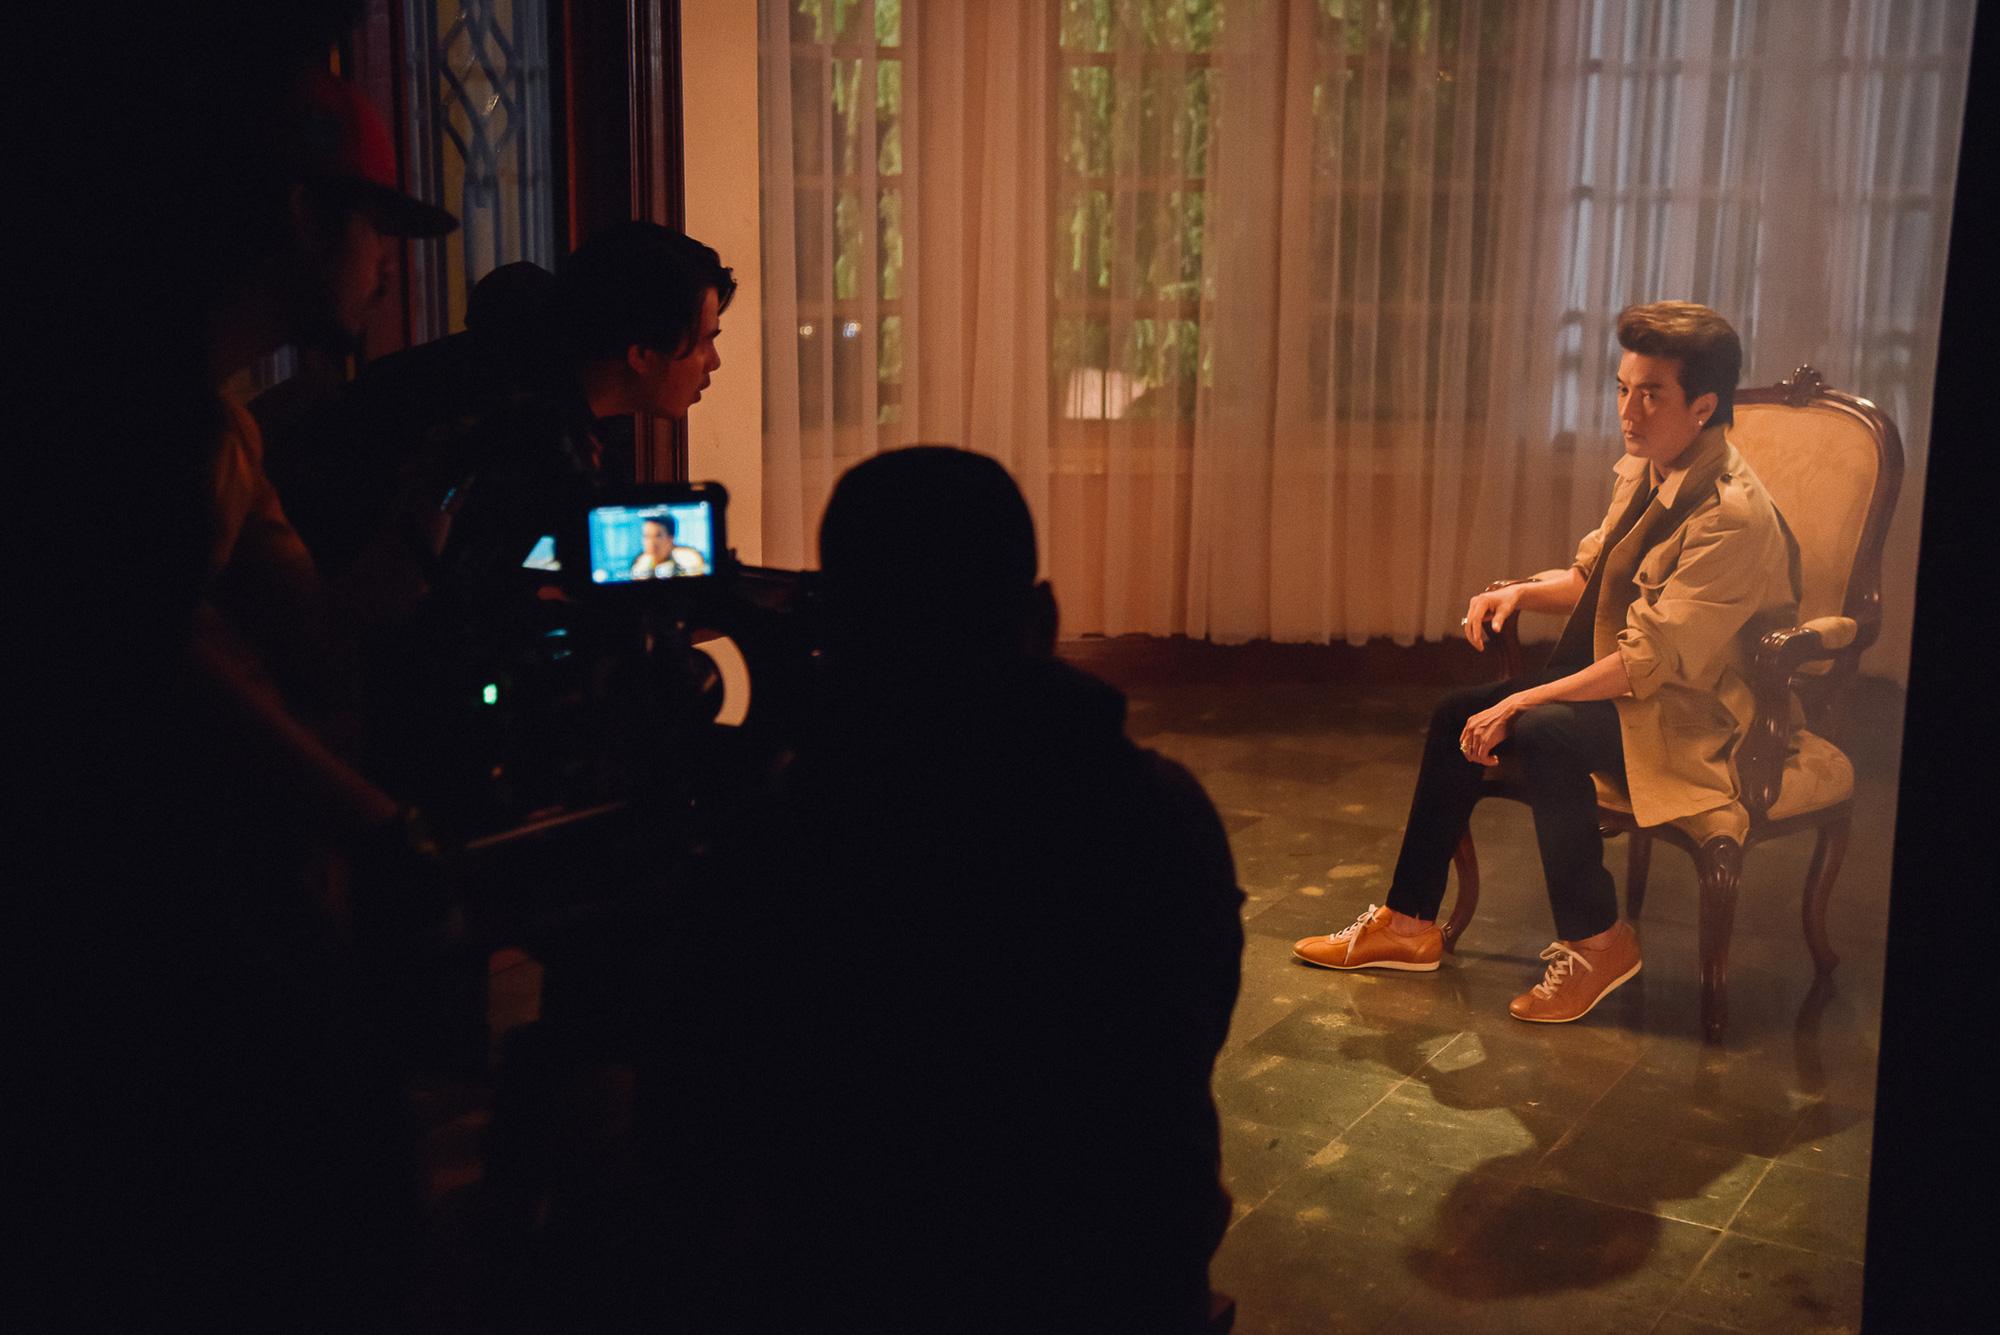 Lý Nhã Kỳ tái xuất trong MV gay cấn như phim hành động của Đàm Vĩnh Hưng  - Ảnh 2.